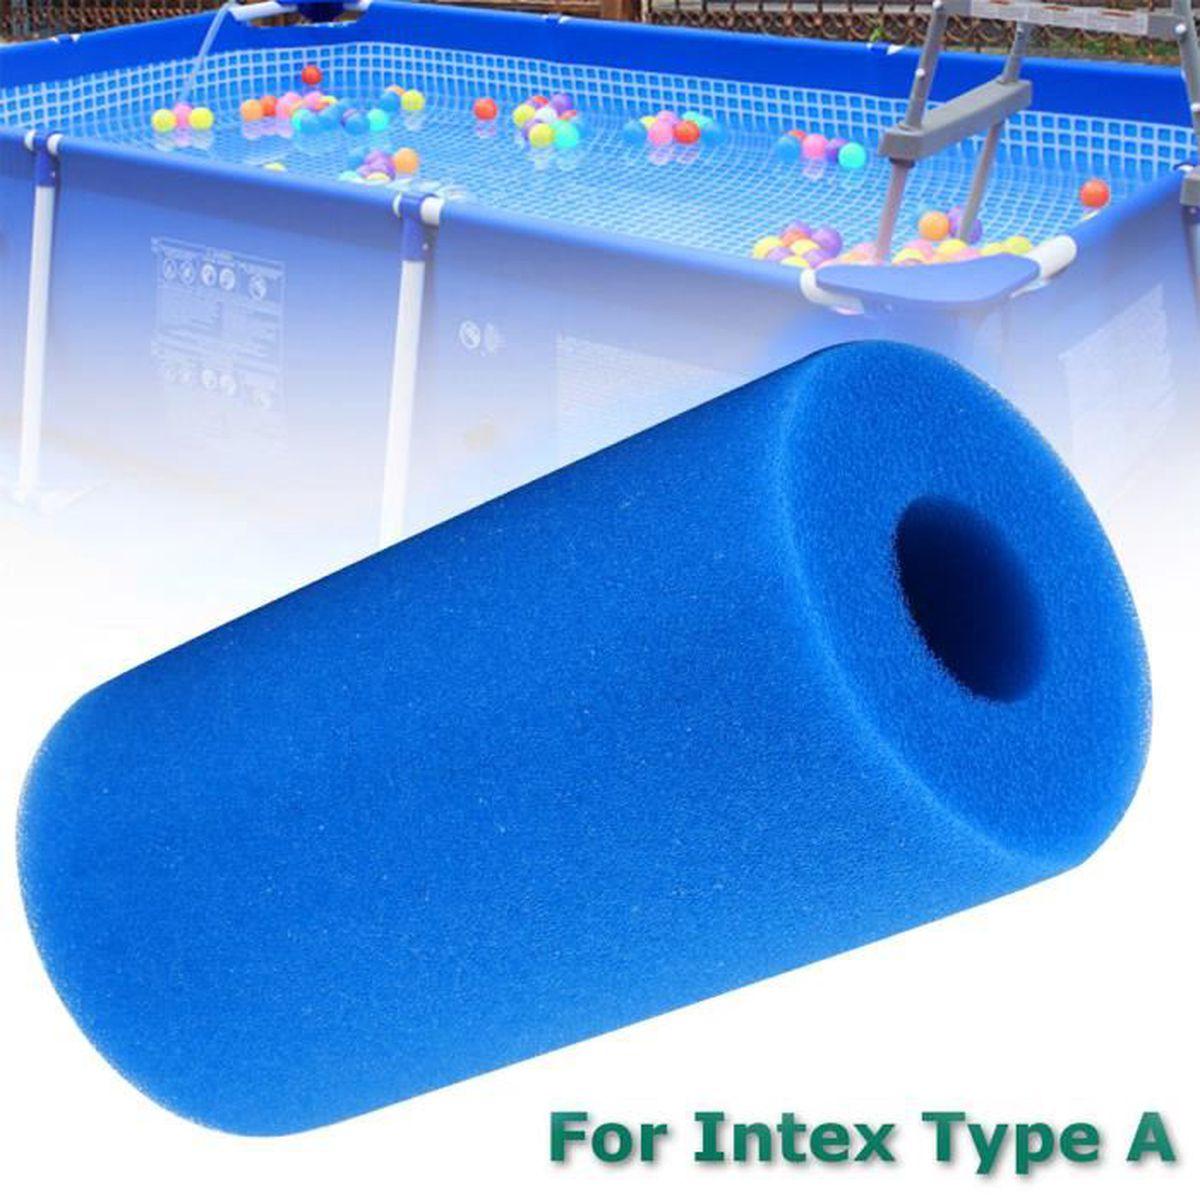 Filtre Piscine Lave Vaisselle 2pcs filtre à eau de piscine intex type a filtre de piscine lavable  réutilisable Éponge de cartouche de mousse